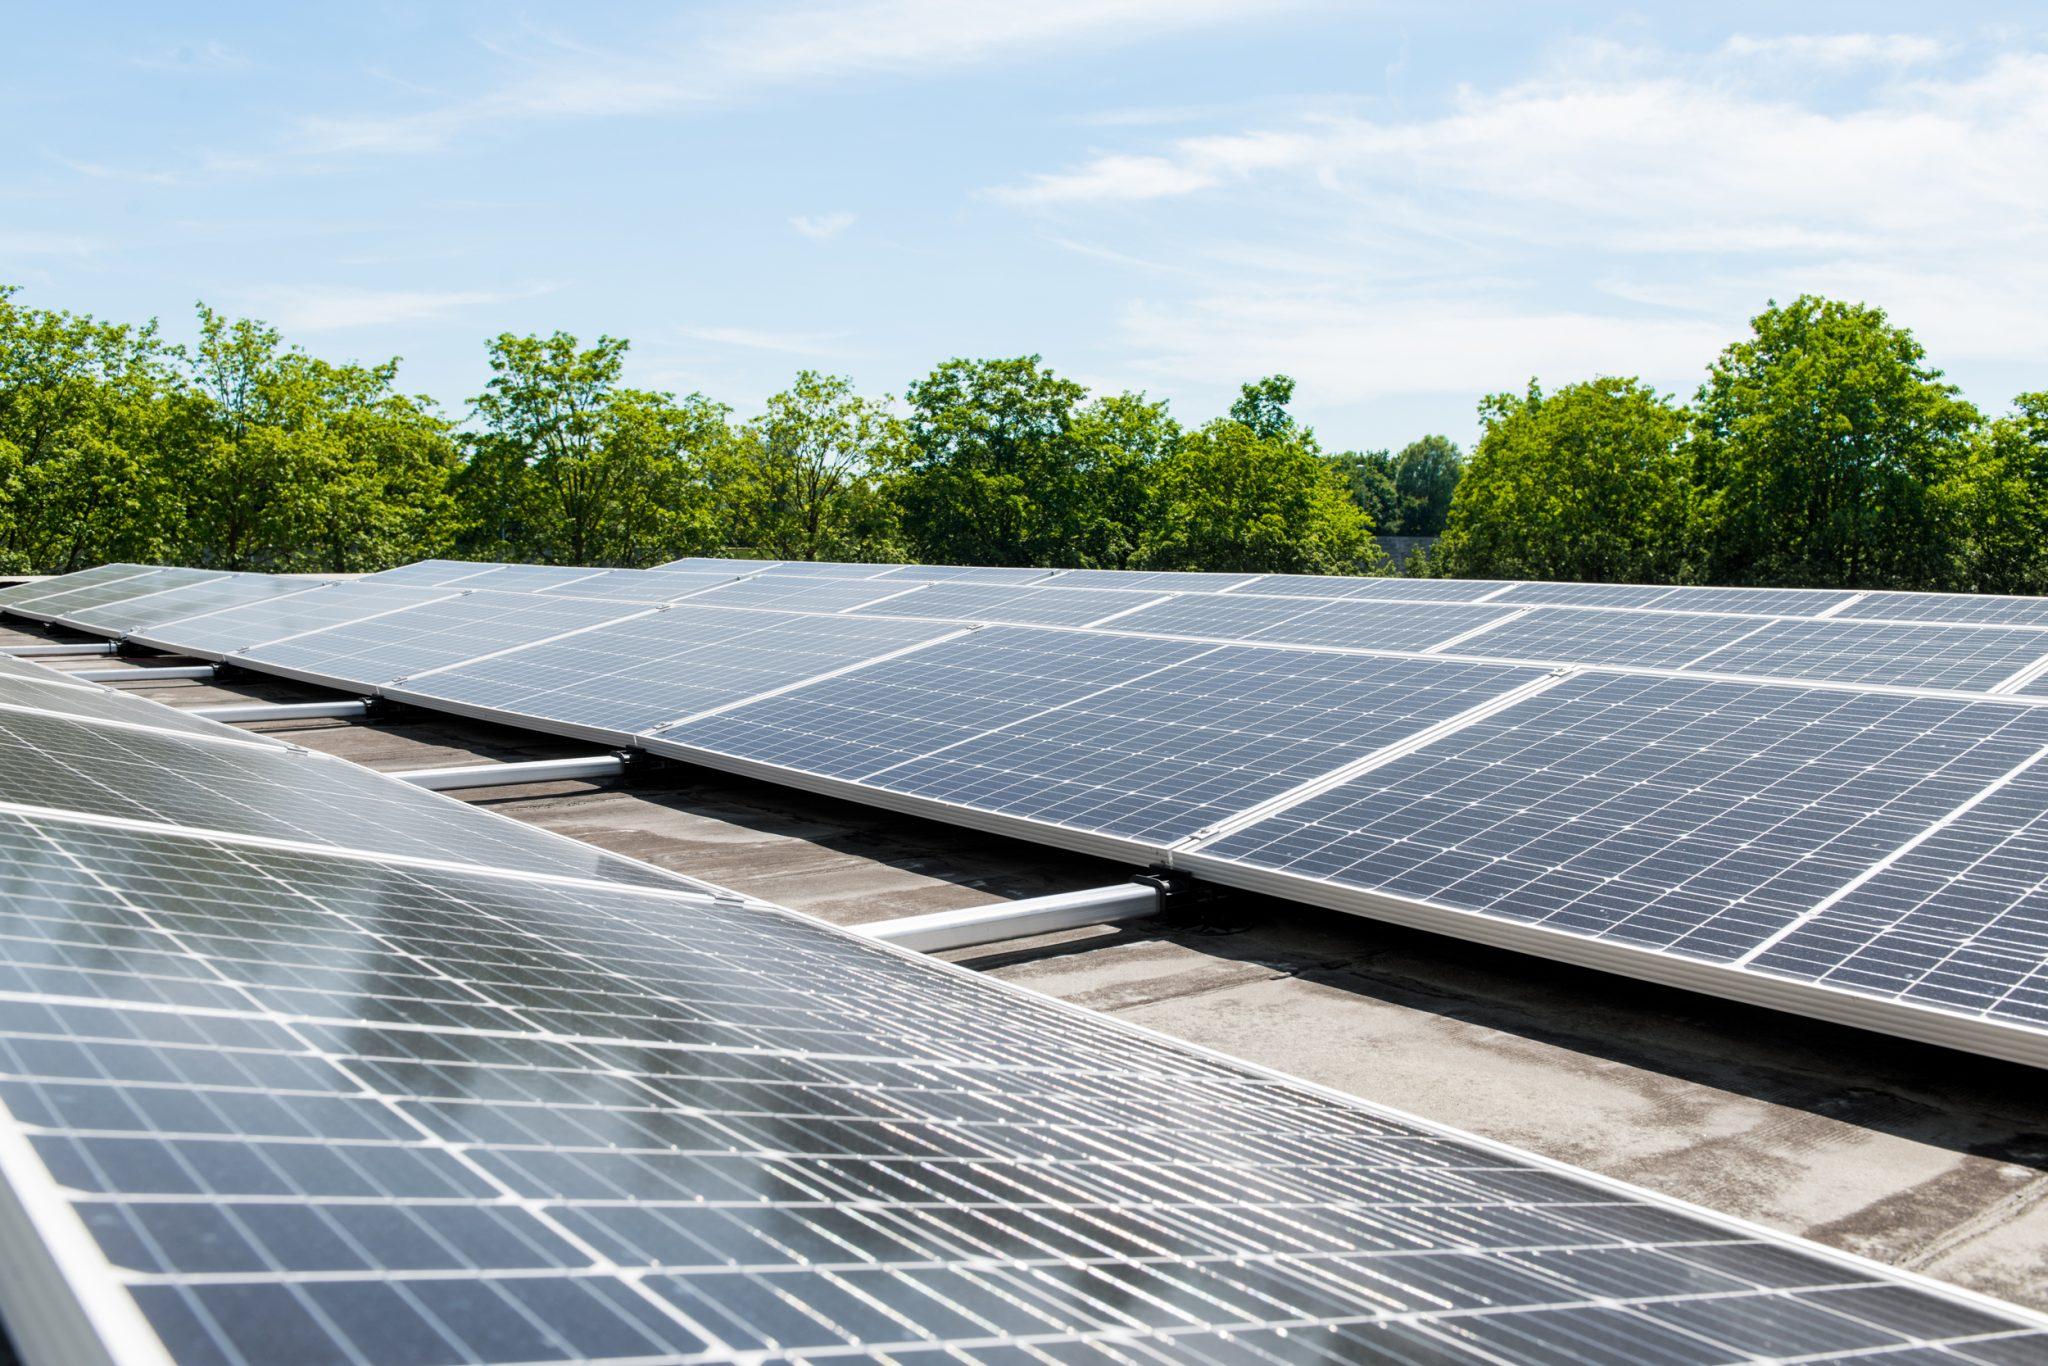 De fiscale voordelen van zonnepanelen